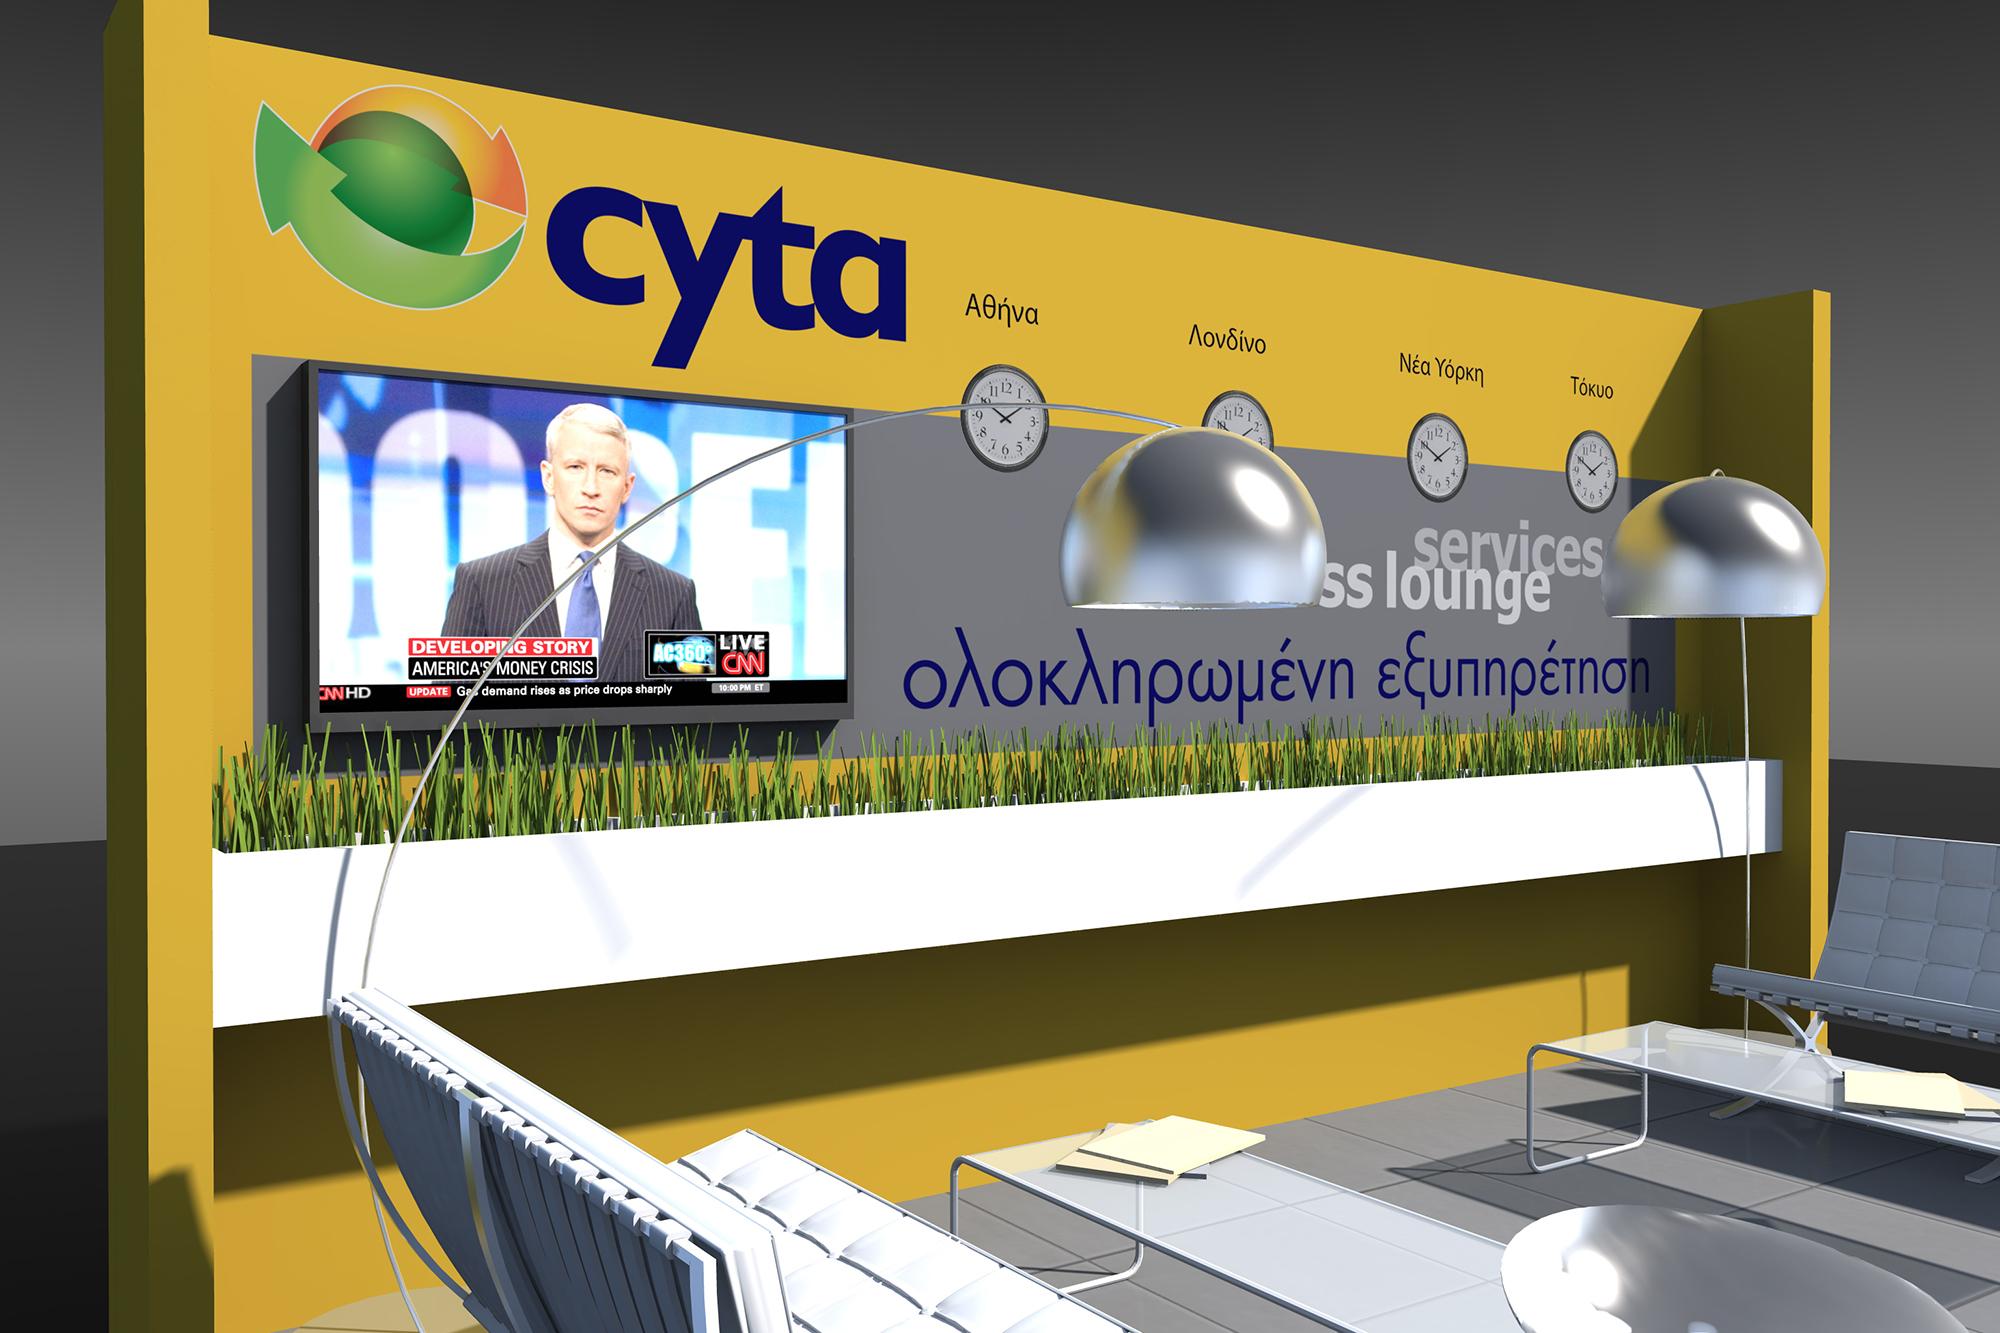 cyta-2000d